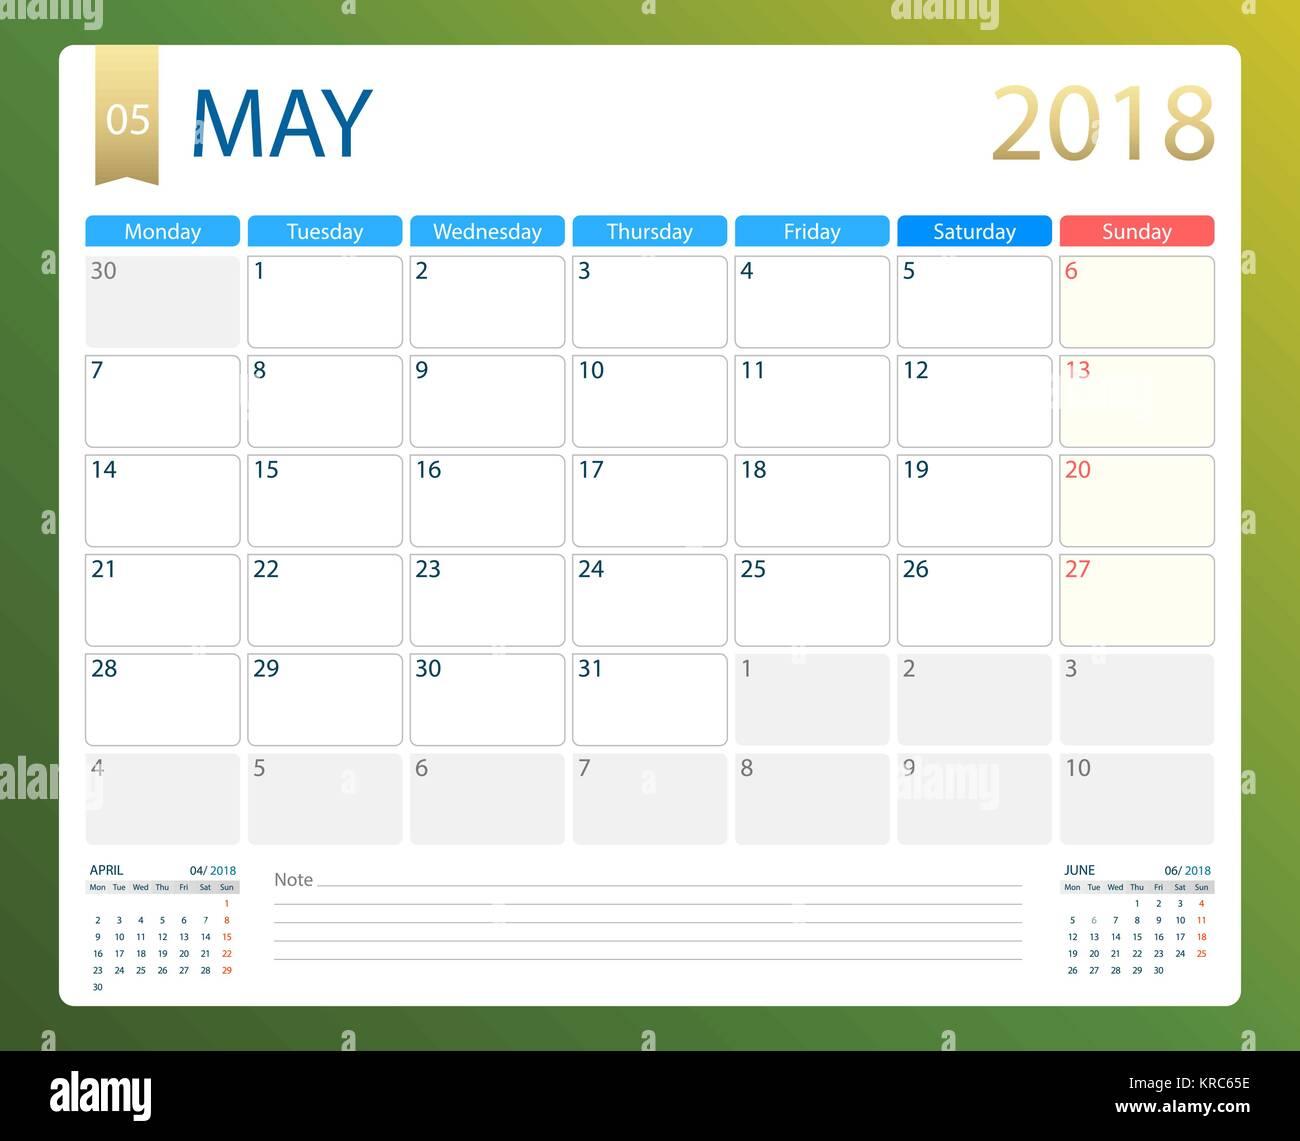 May Calendar Vector : Calendar vector stock photos